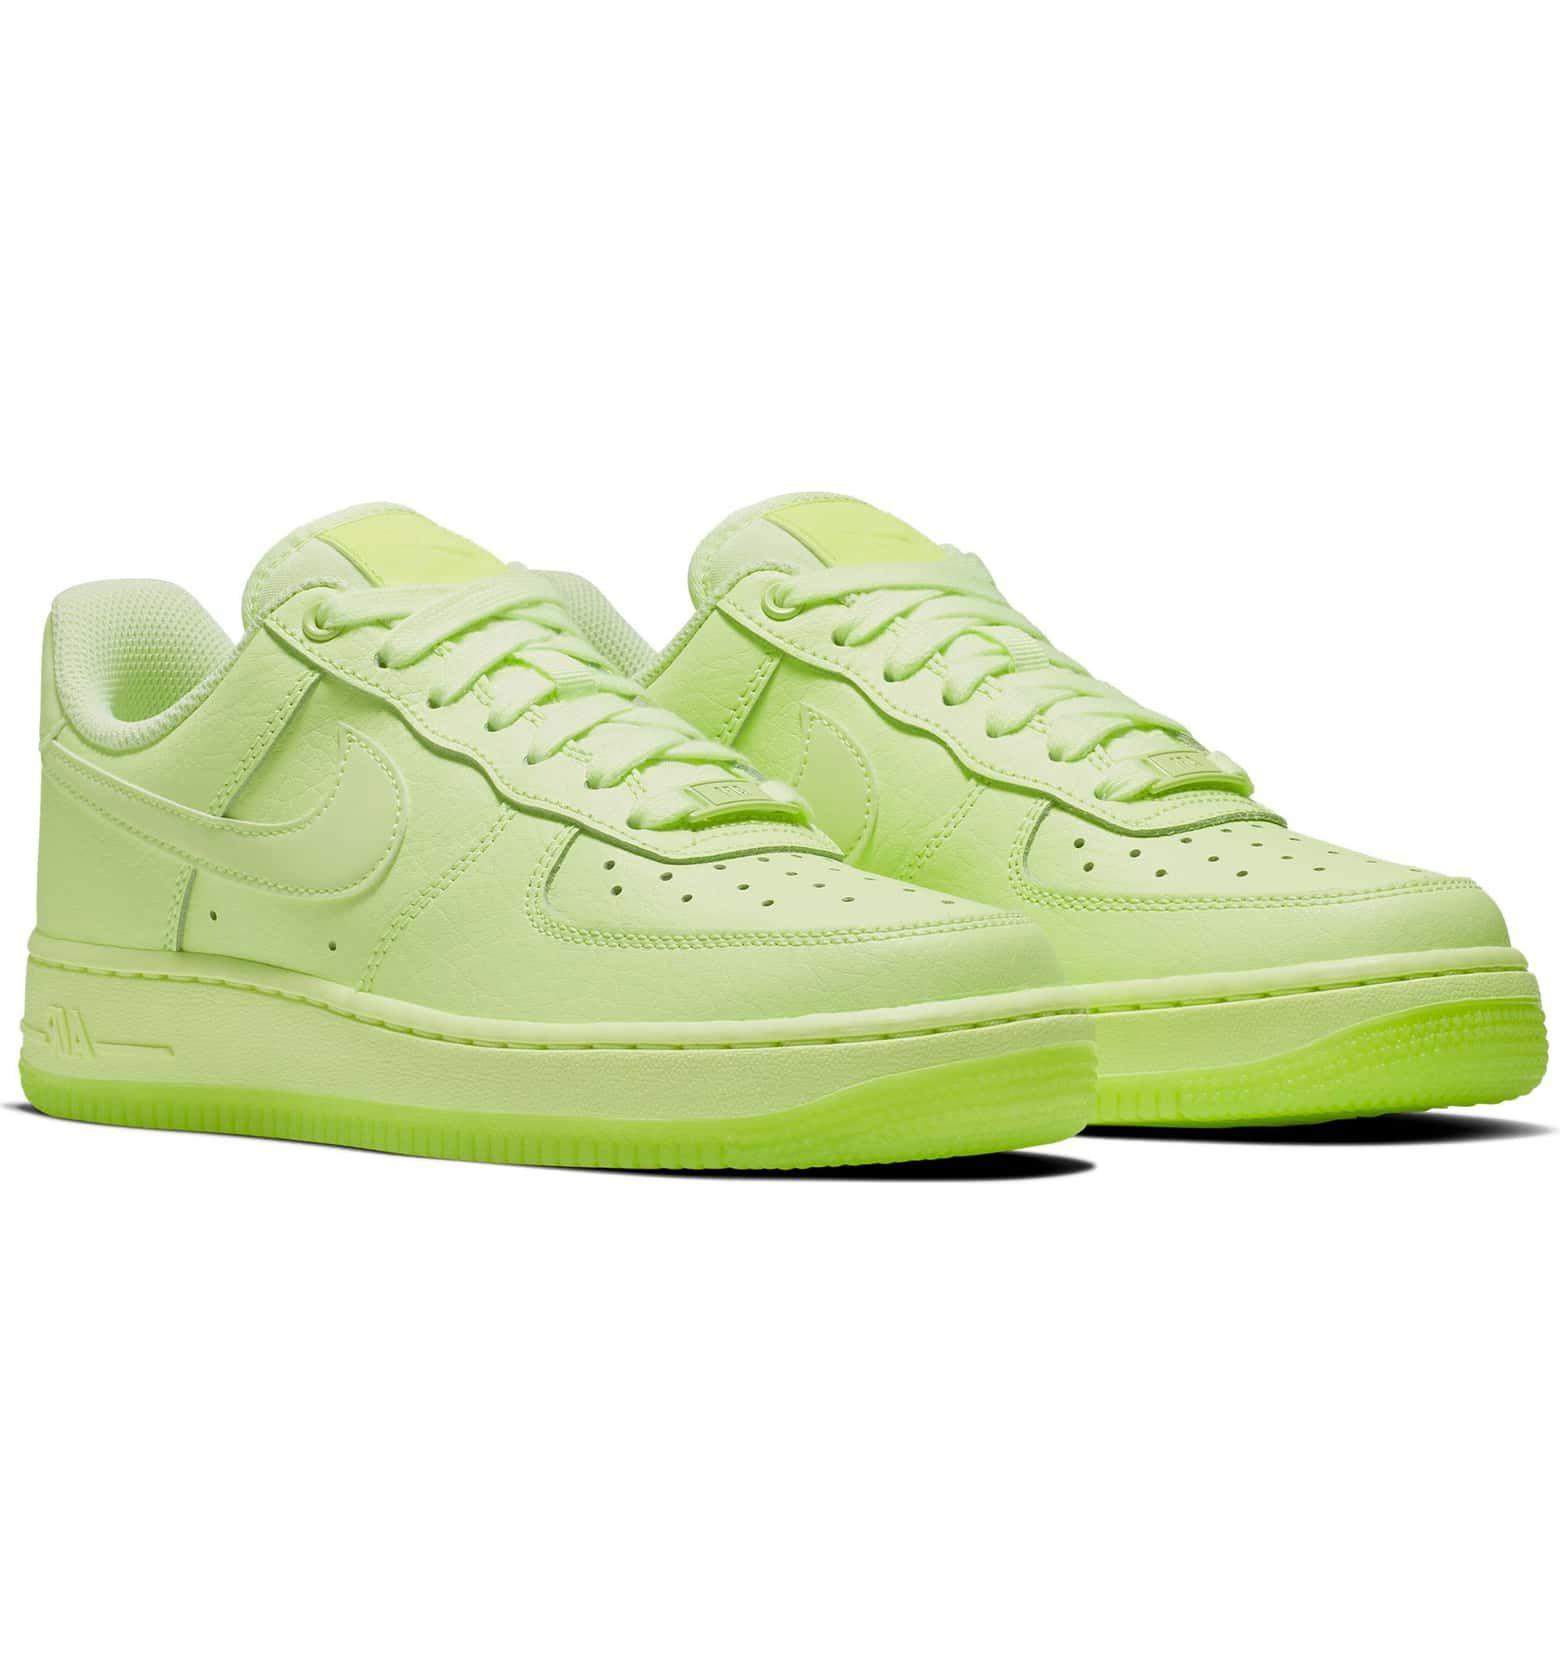 Nike Air Force 1 '07 Essential Sneaker